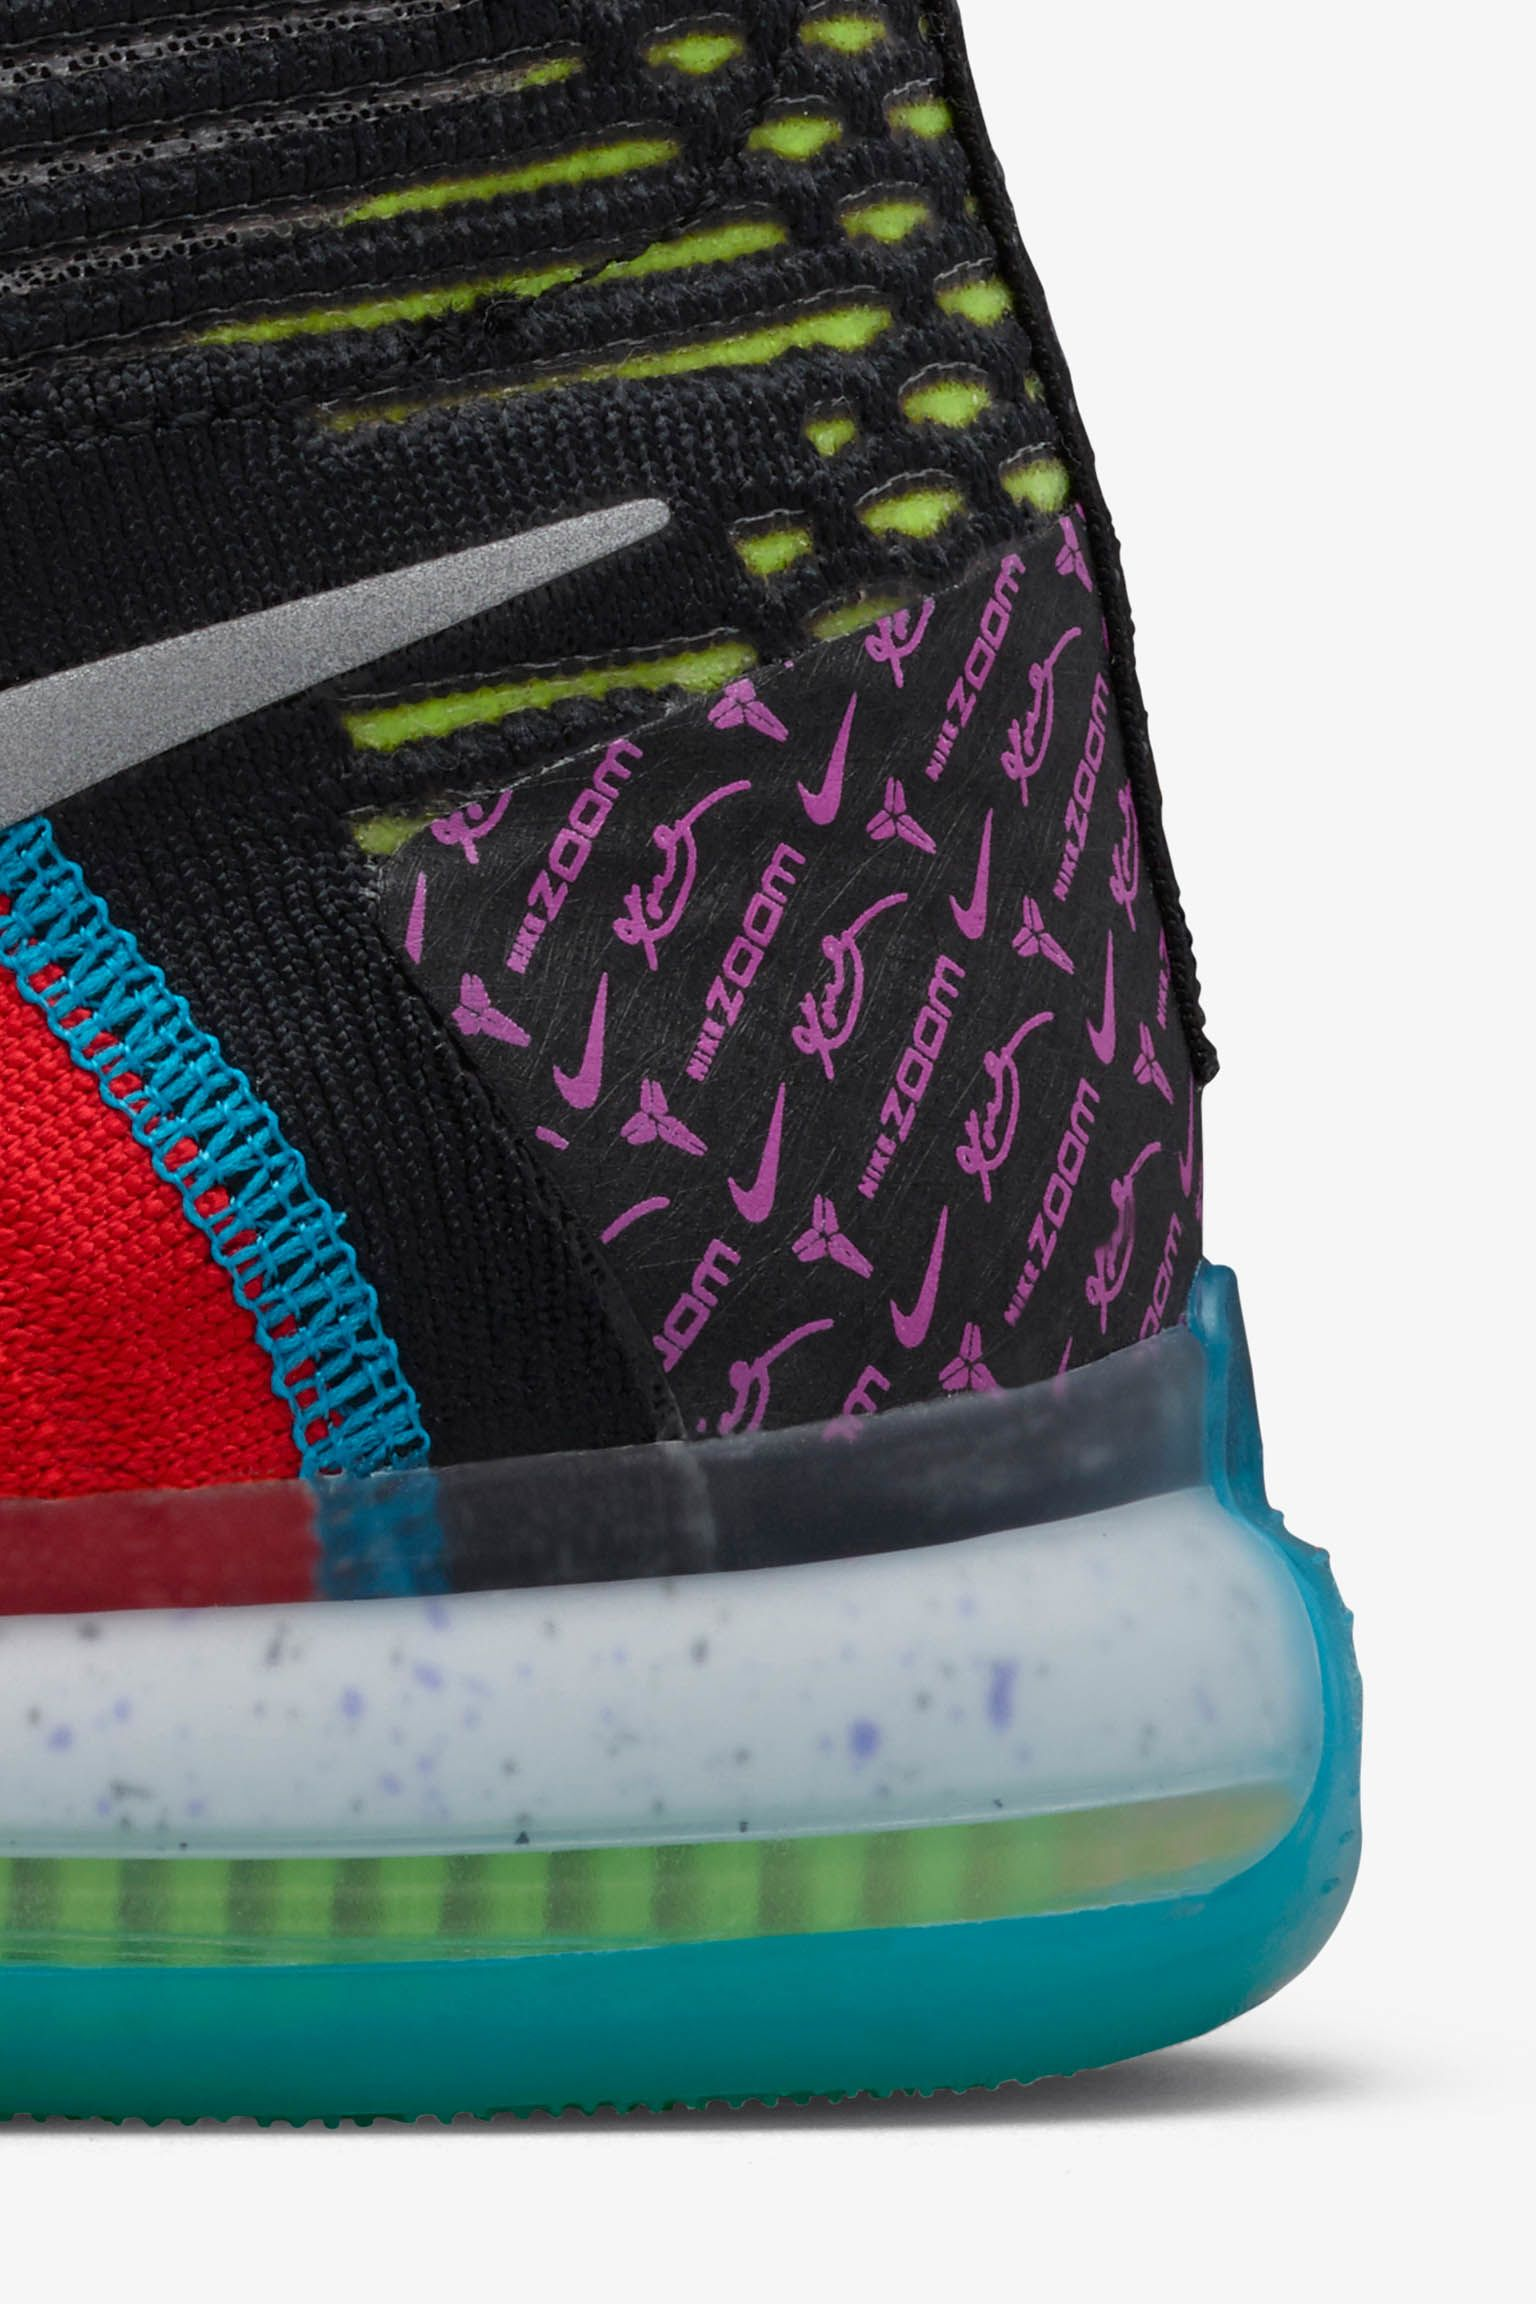 Nike Kobe 10 Elite 'What The' Release Date